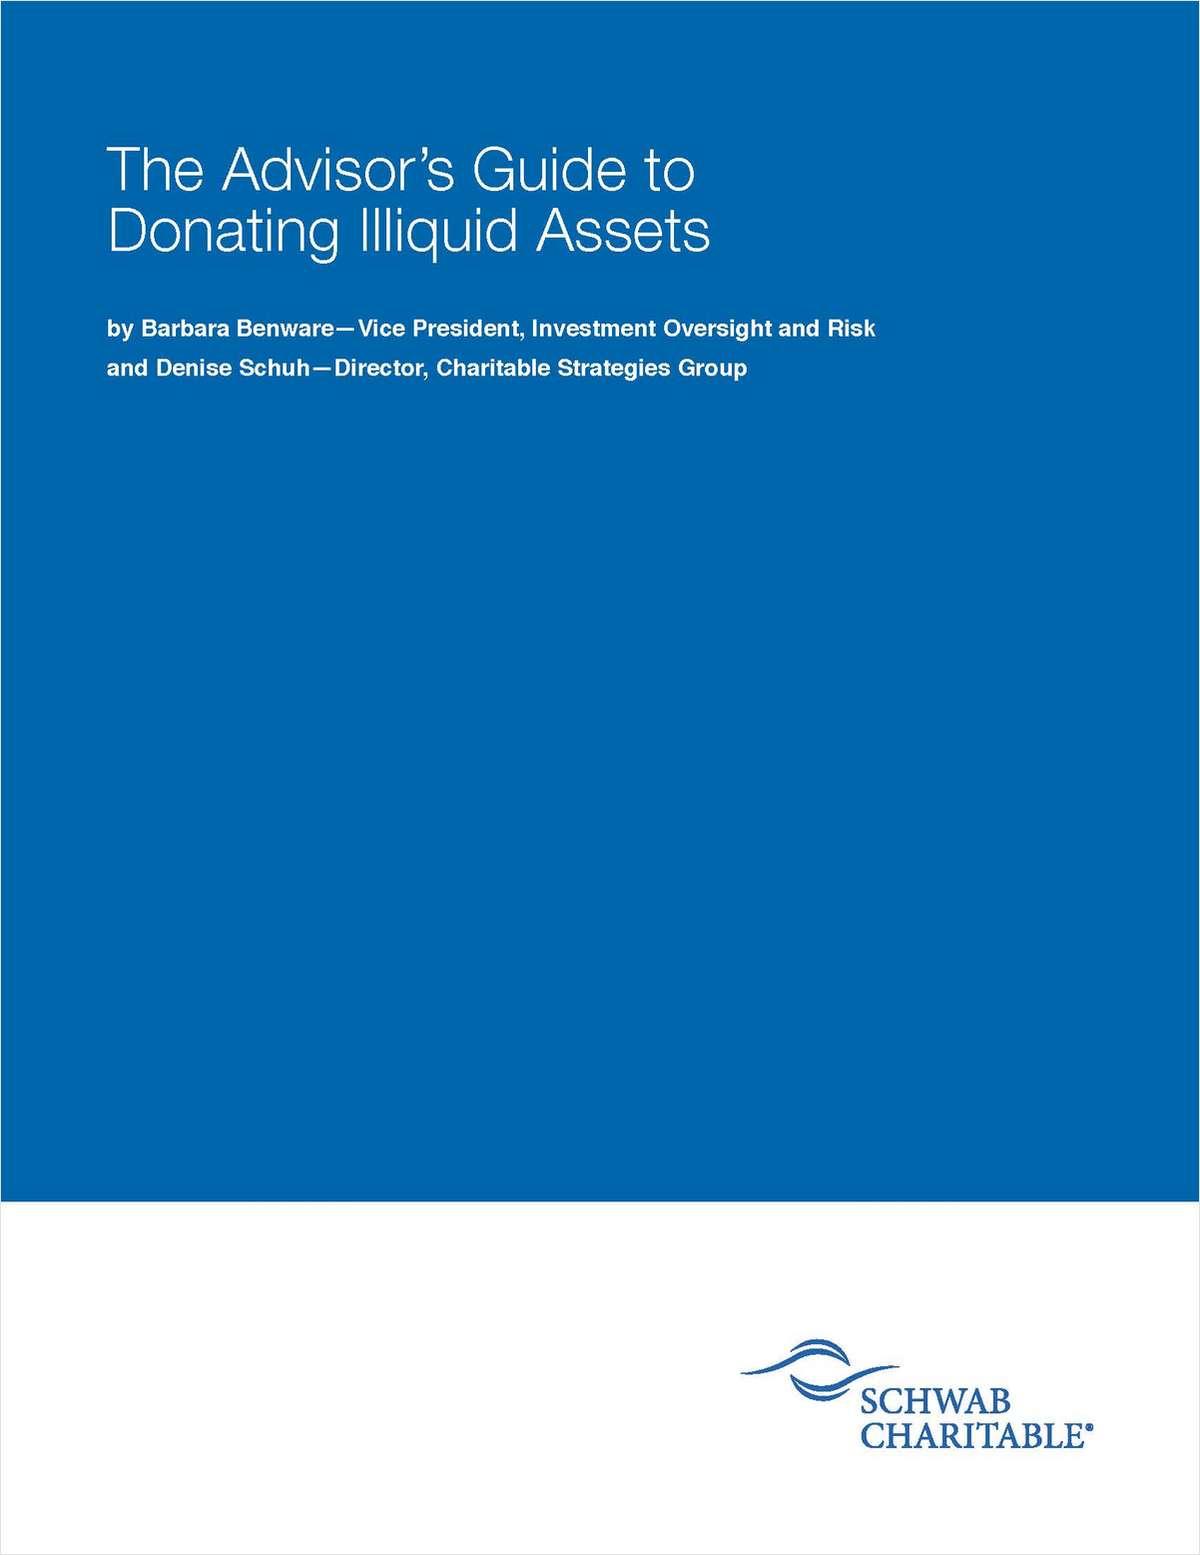 What are illiquid materials